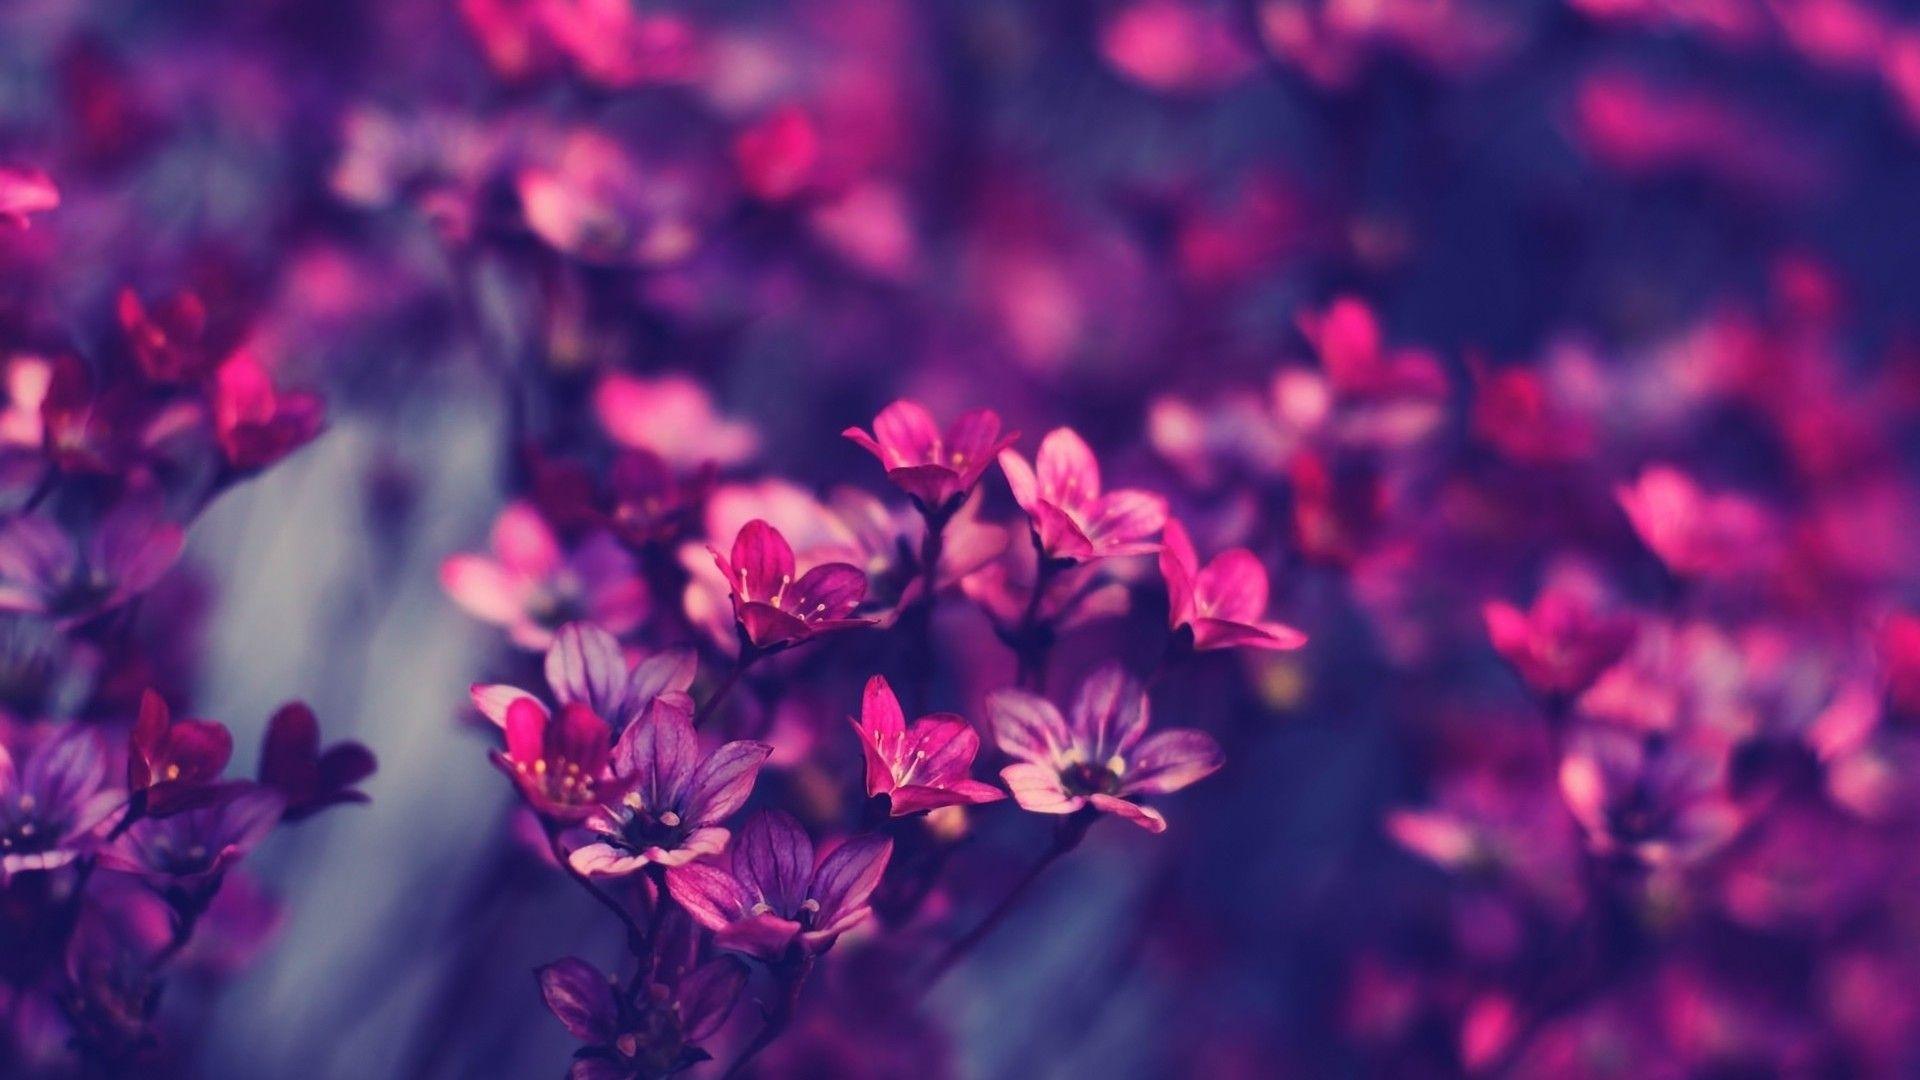 beautiful flower wallpaper hd 07639 - baltana